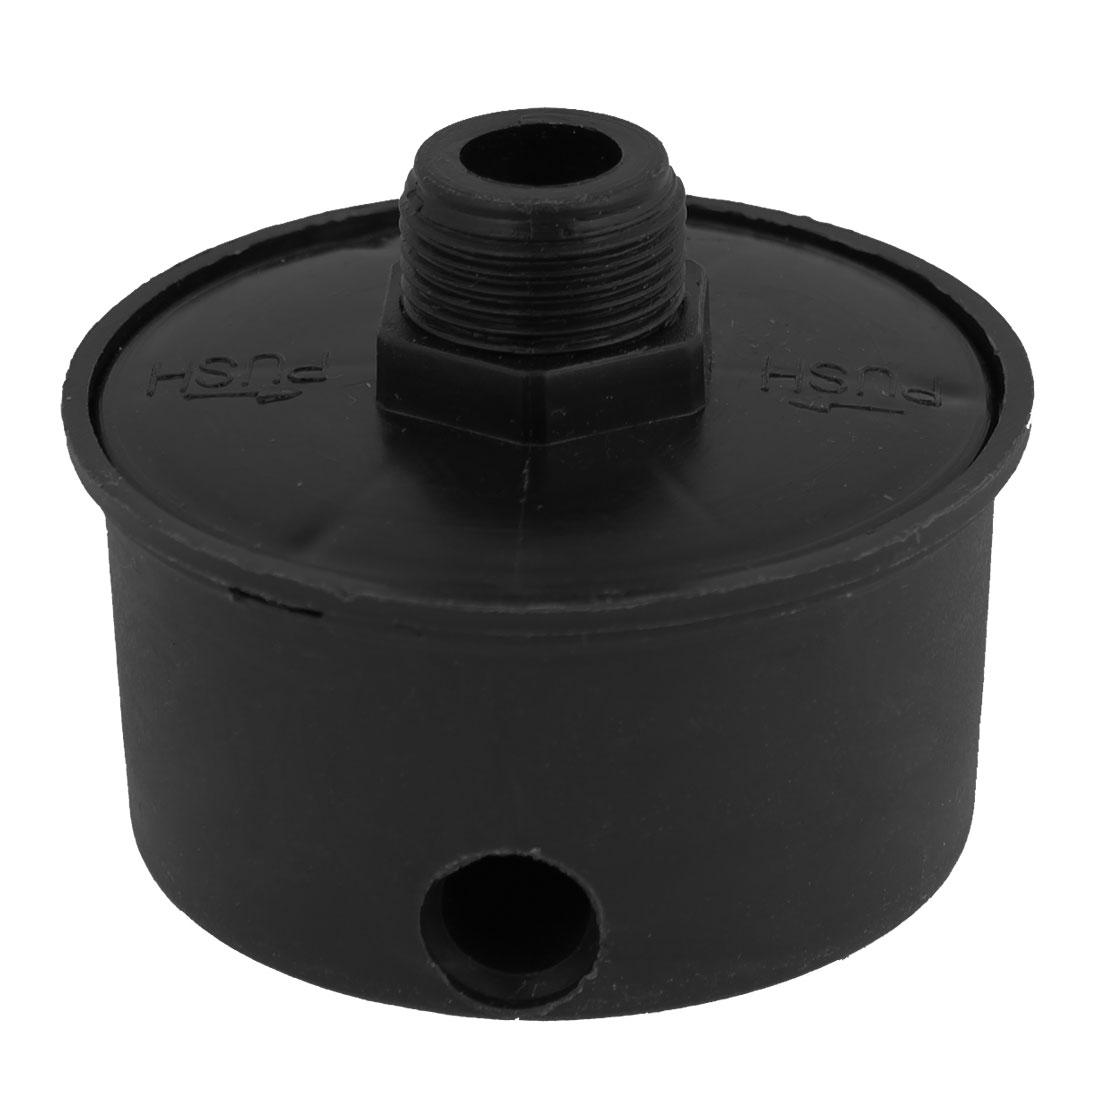 """Plastic Black 1/2""""PT Threaded Silencer Filter for Air Compressor"""